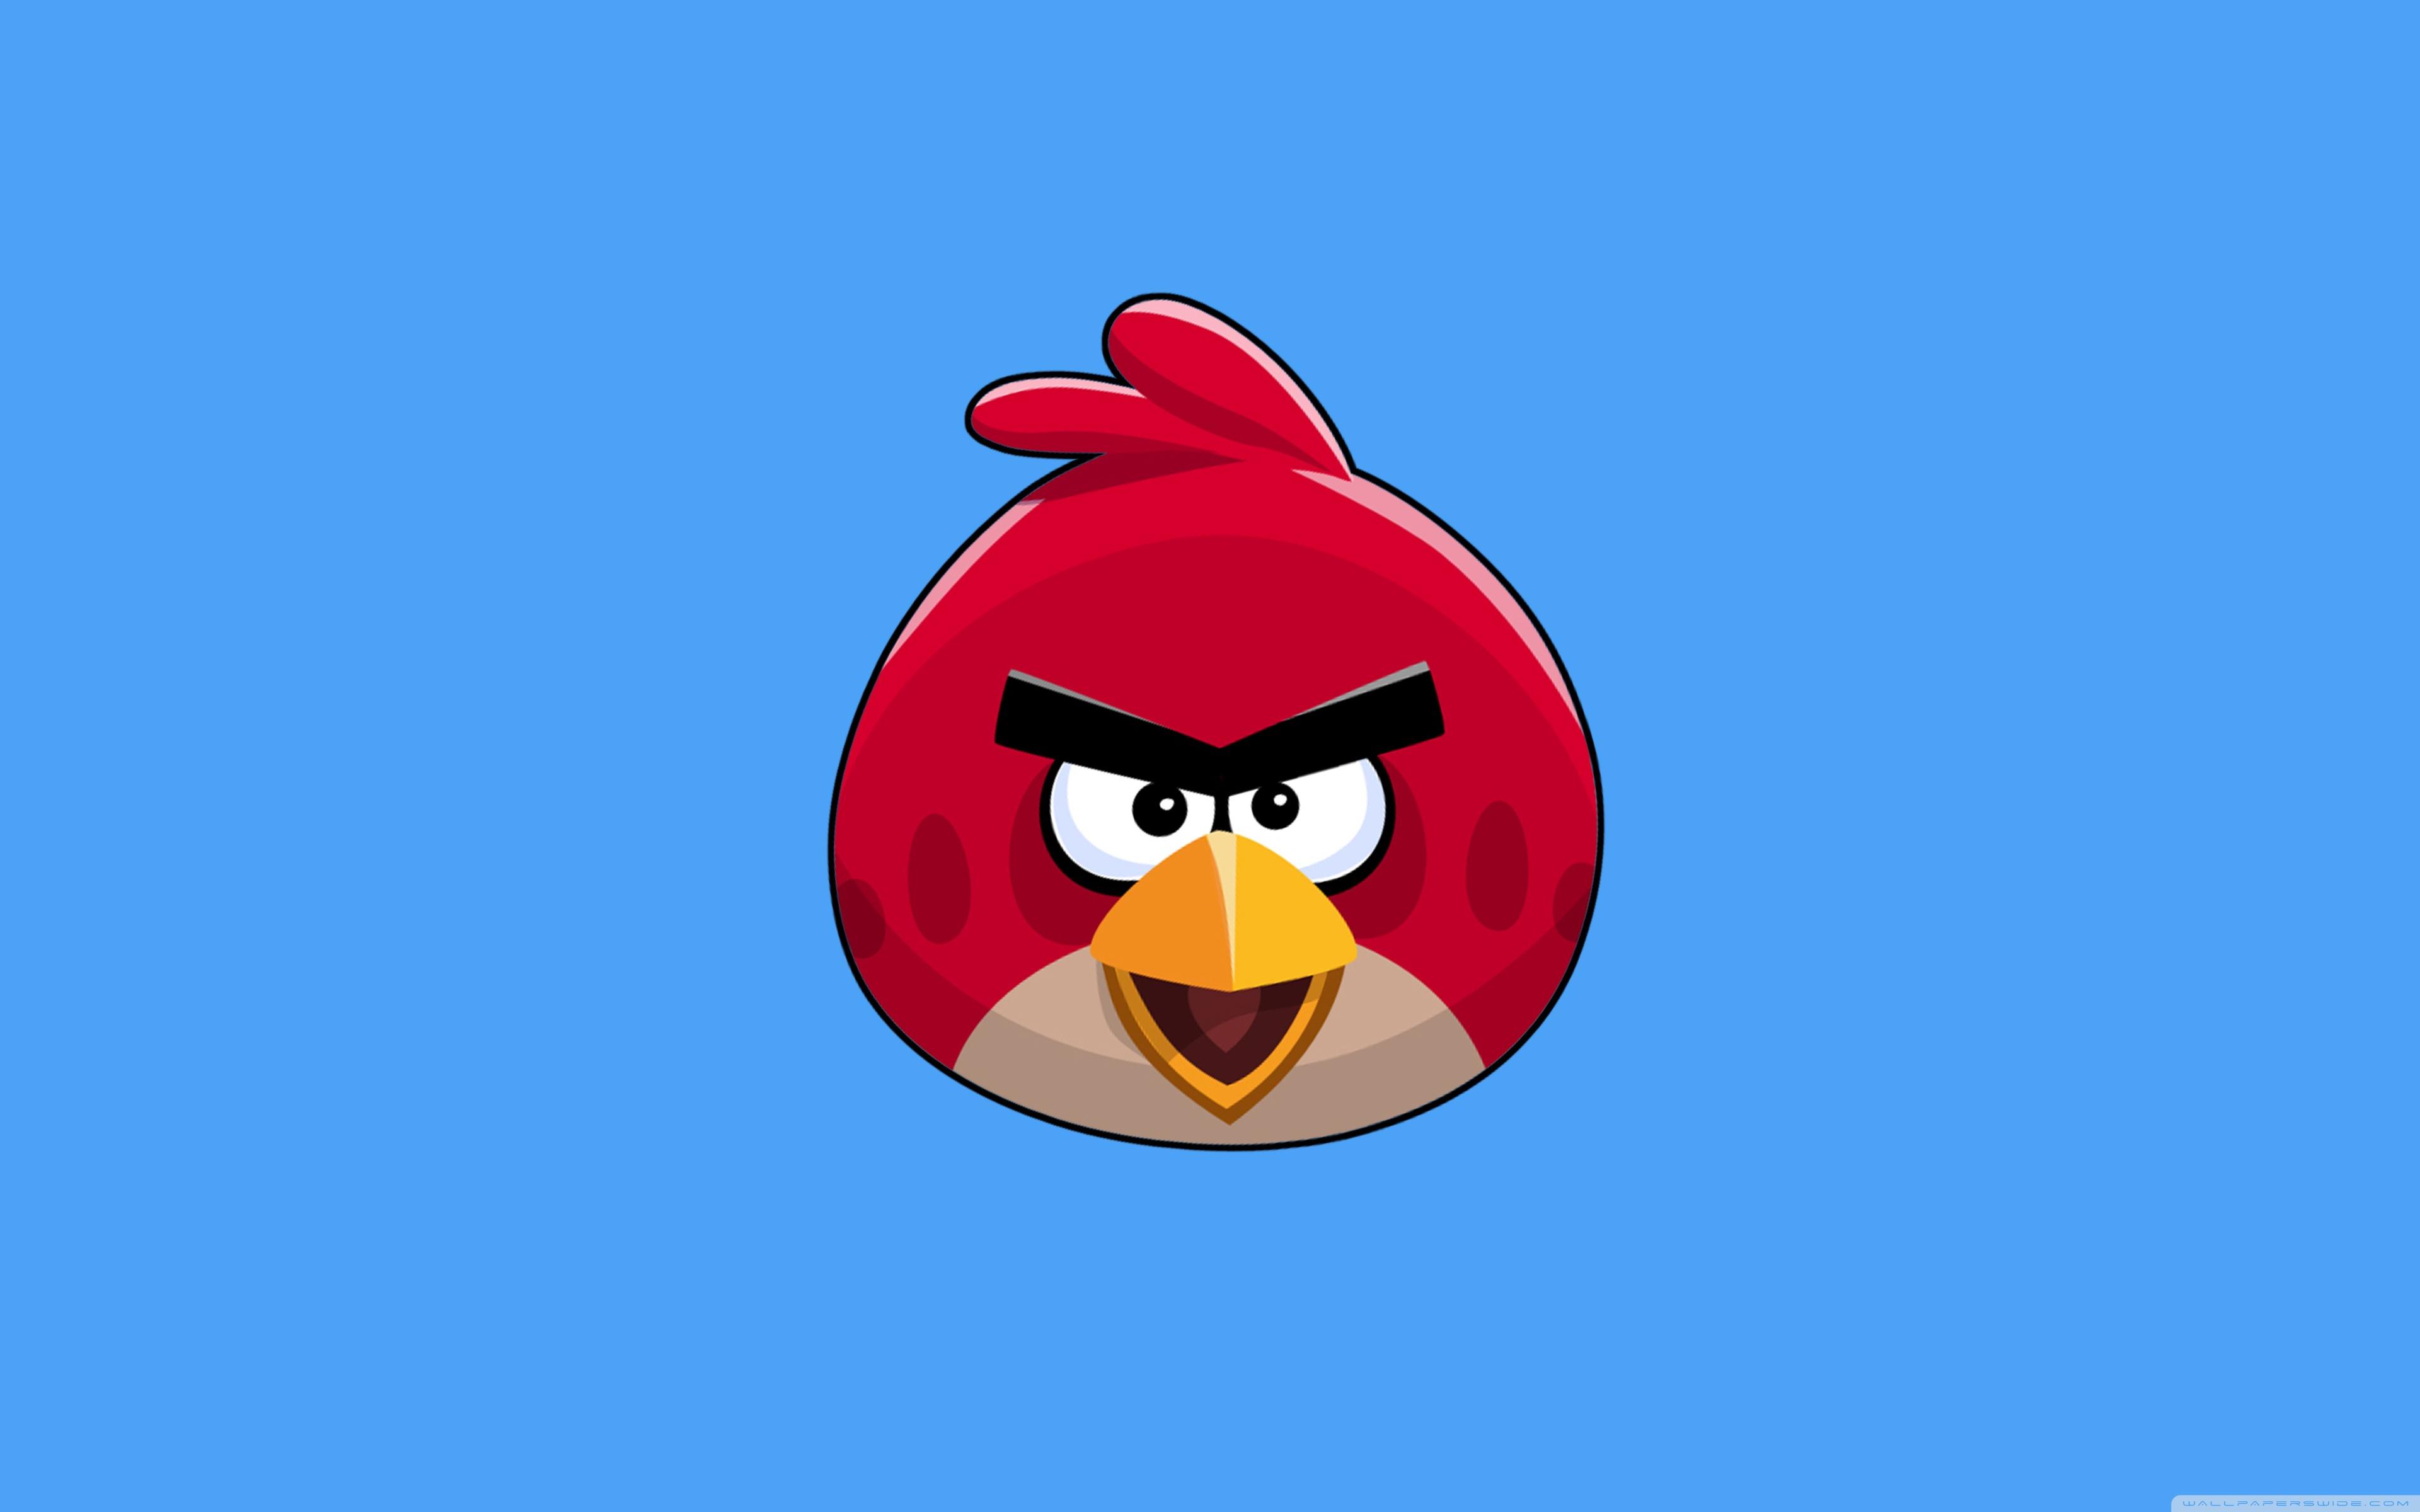 Angry Bird Space Wallpaper 3d Angry Bird 4k Hd Desktop Wallpaper For 4k Ultra Hd Tv